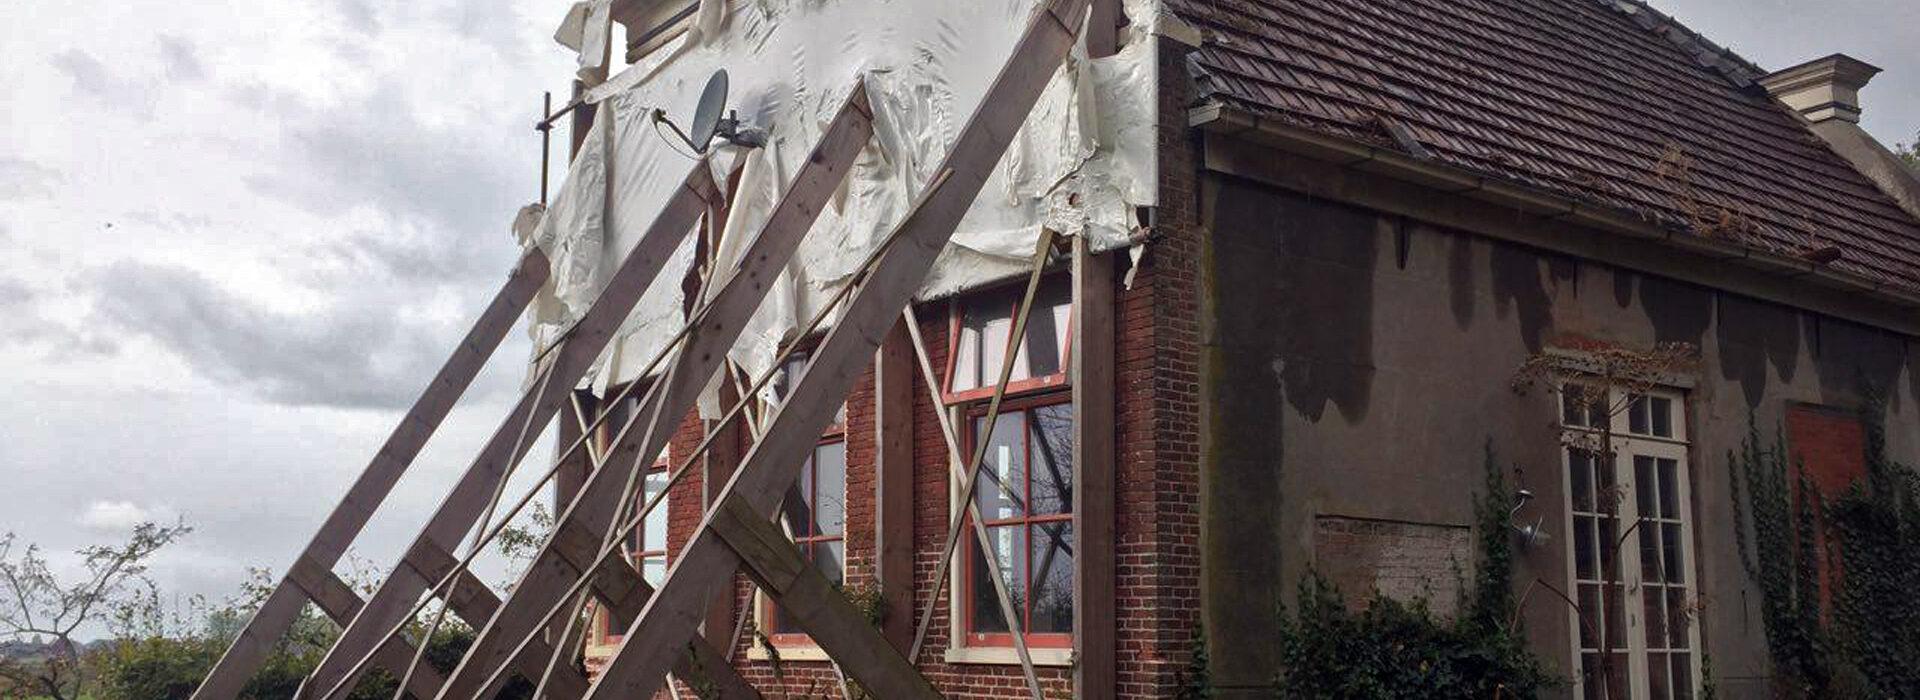 aardbevingen schade groningen CED